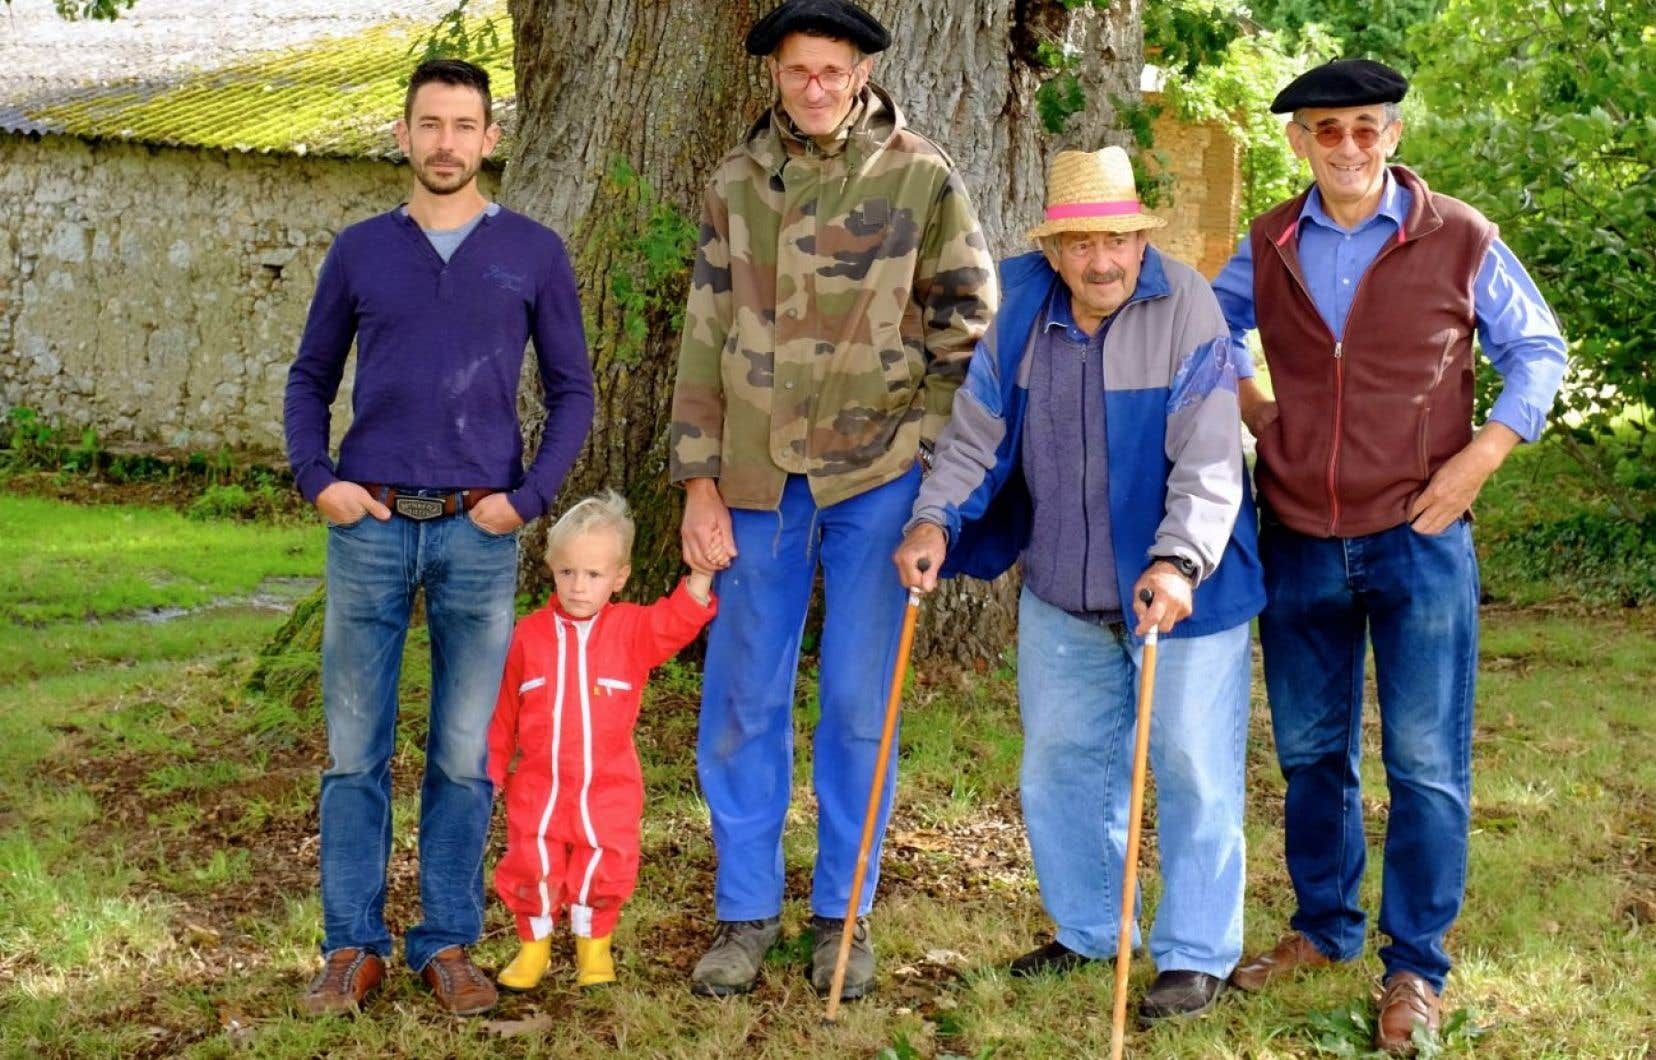 Quatre générations de Delpech en appellation Brulhois au pied du chêne familial de… 700ans.